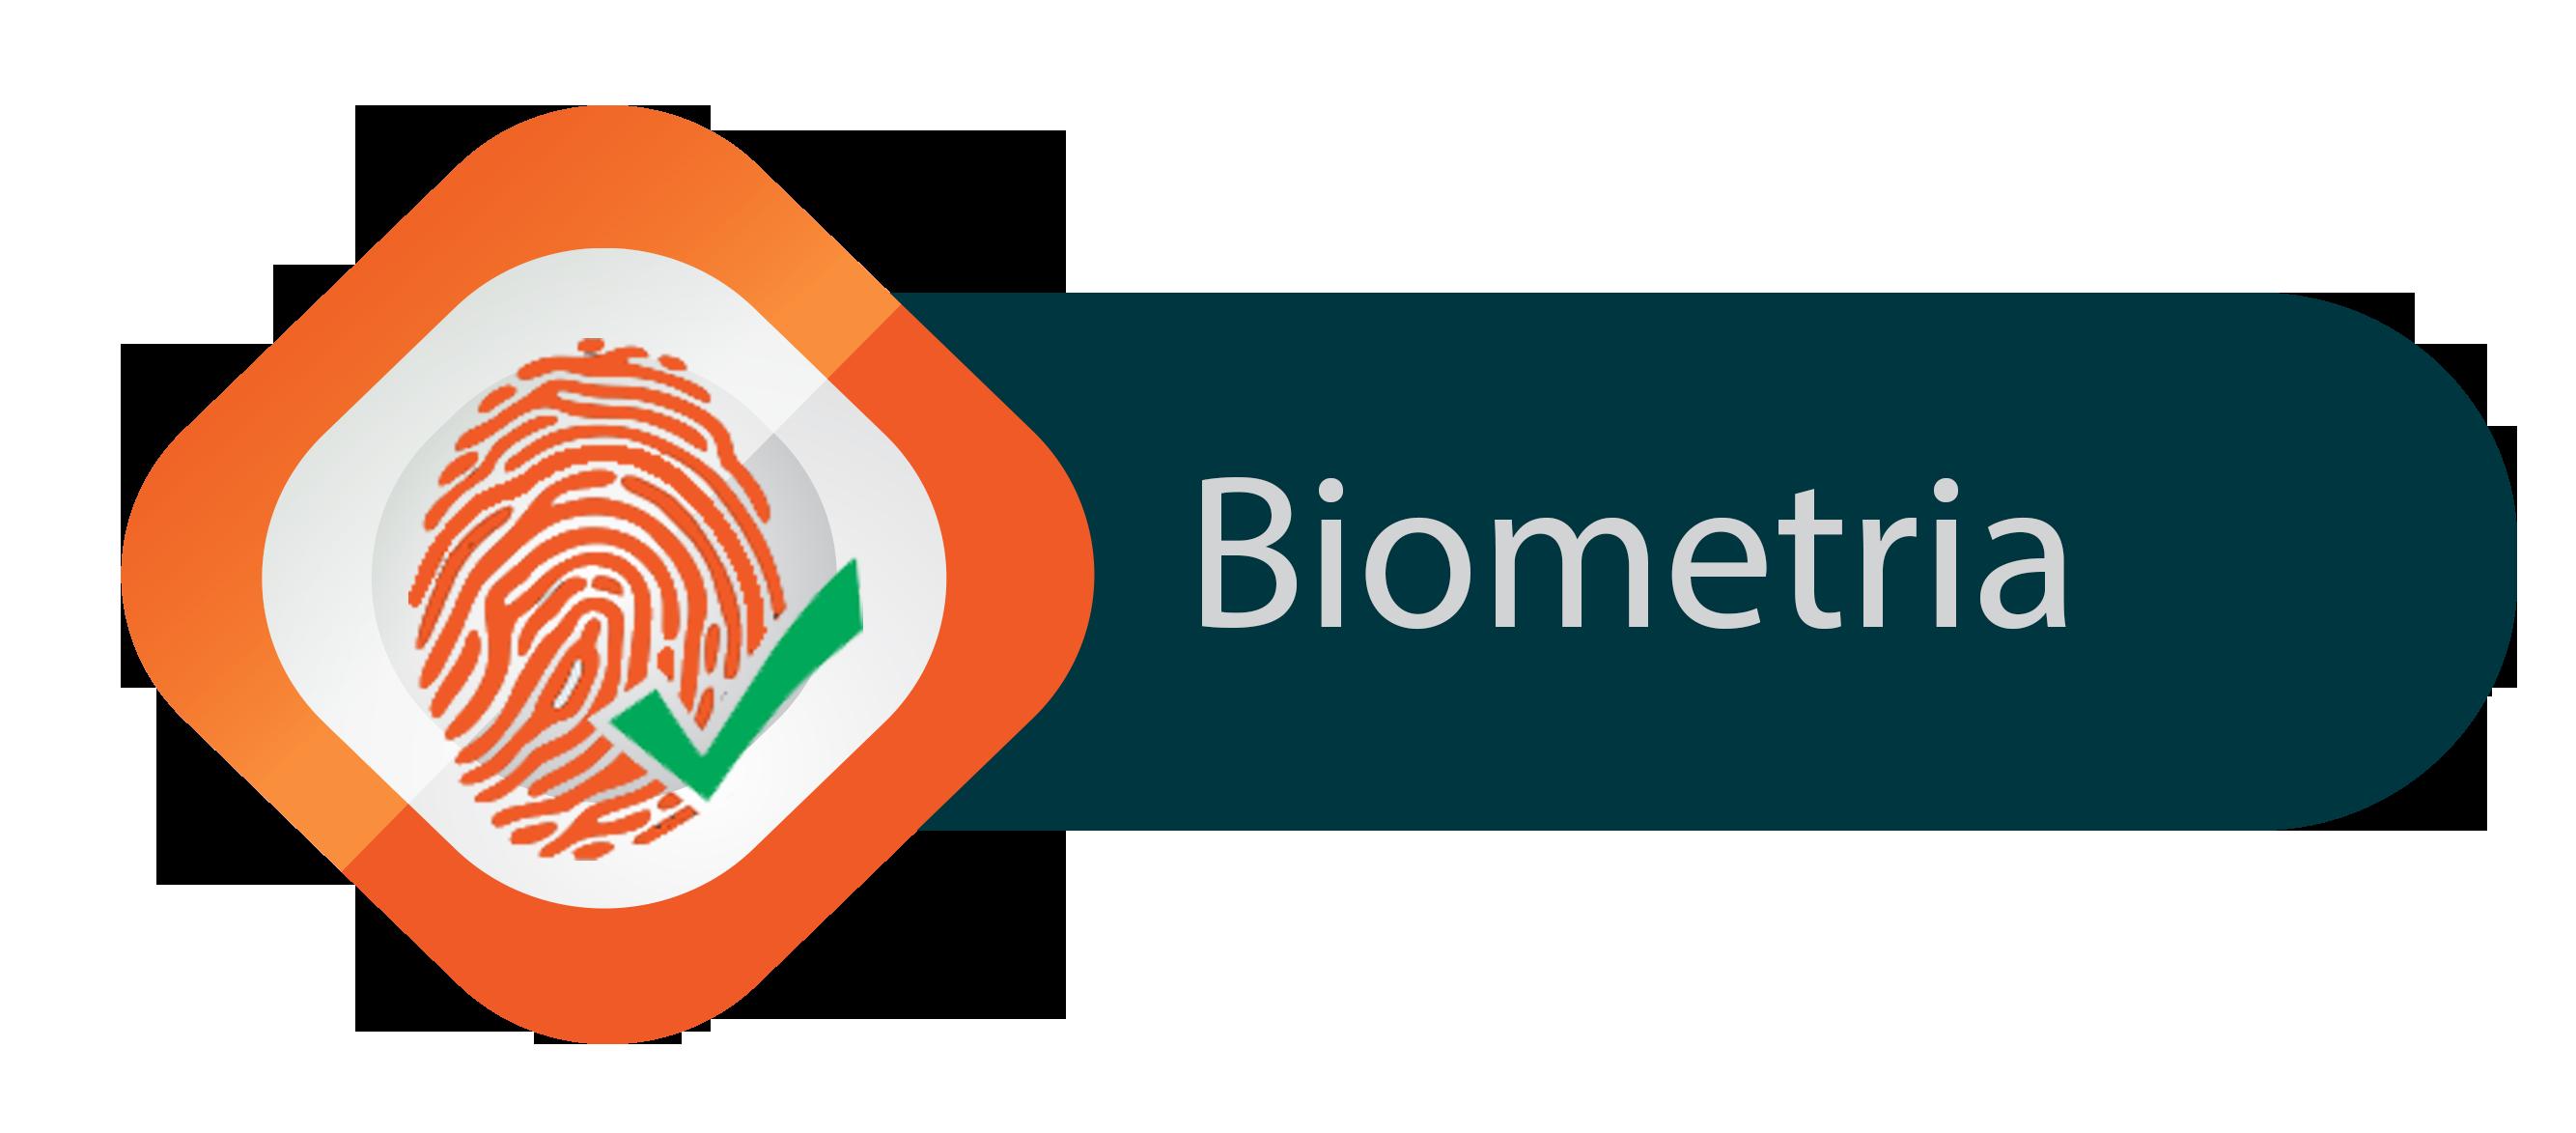 biometria_Terminal_Controlo_Presenças_Acessos_reconhecimento_Facial_Impressão_digital